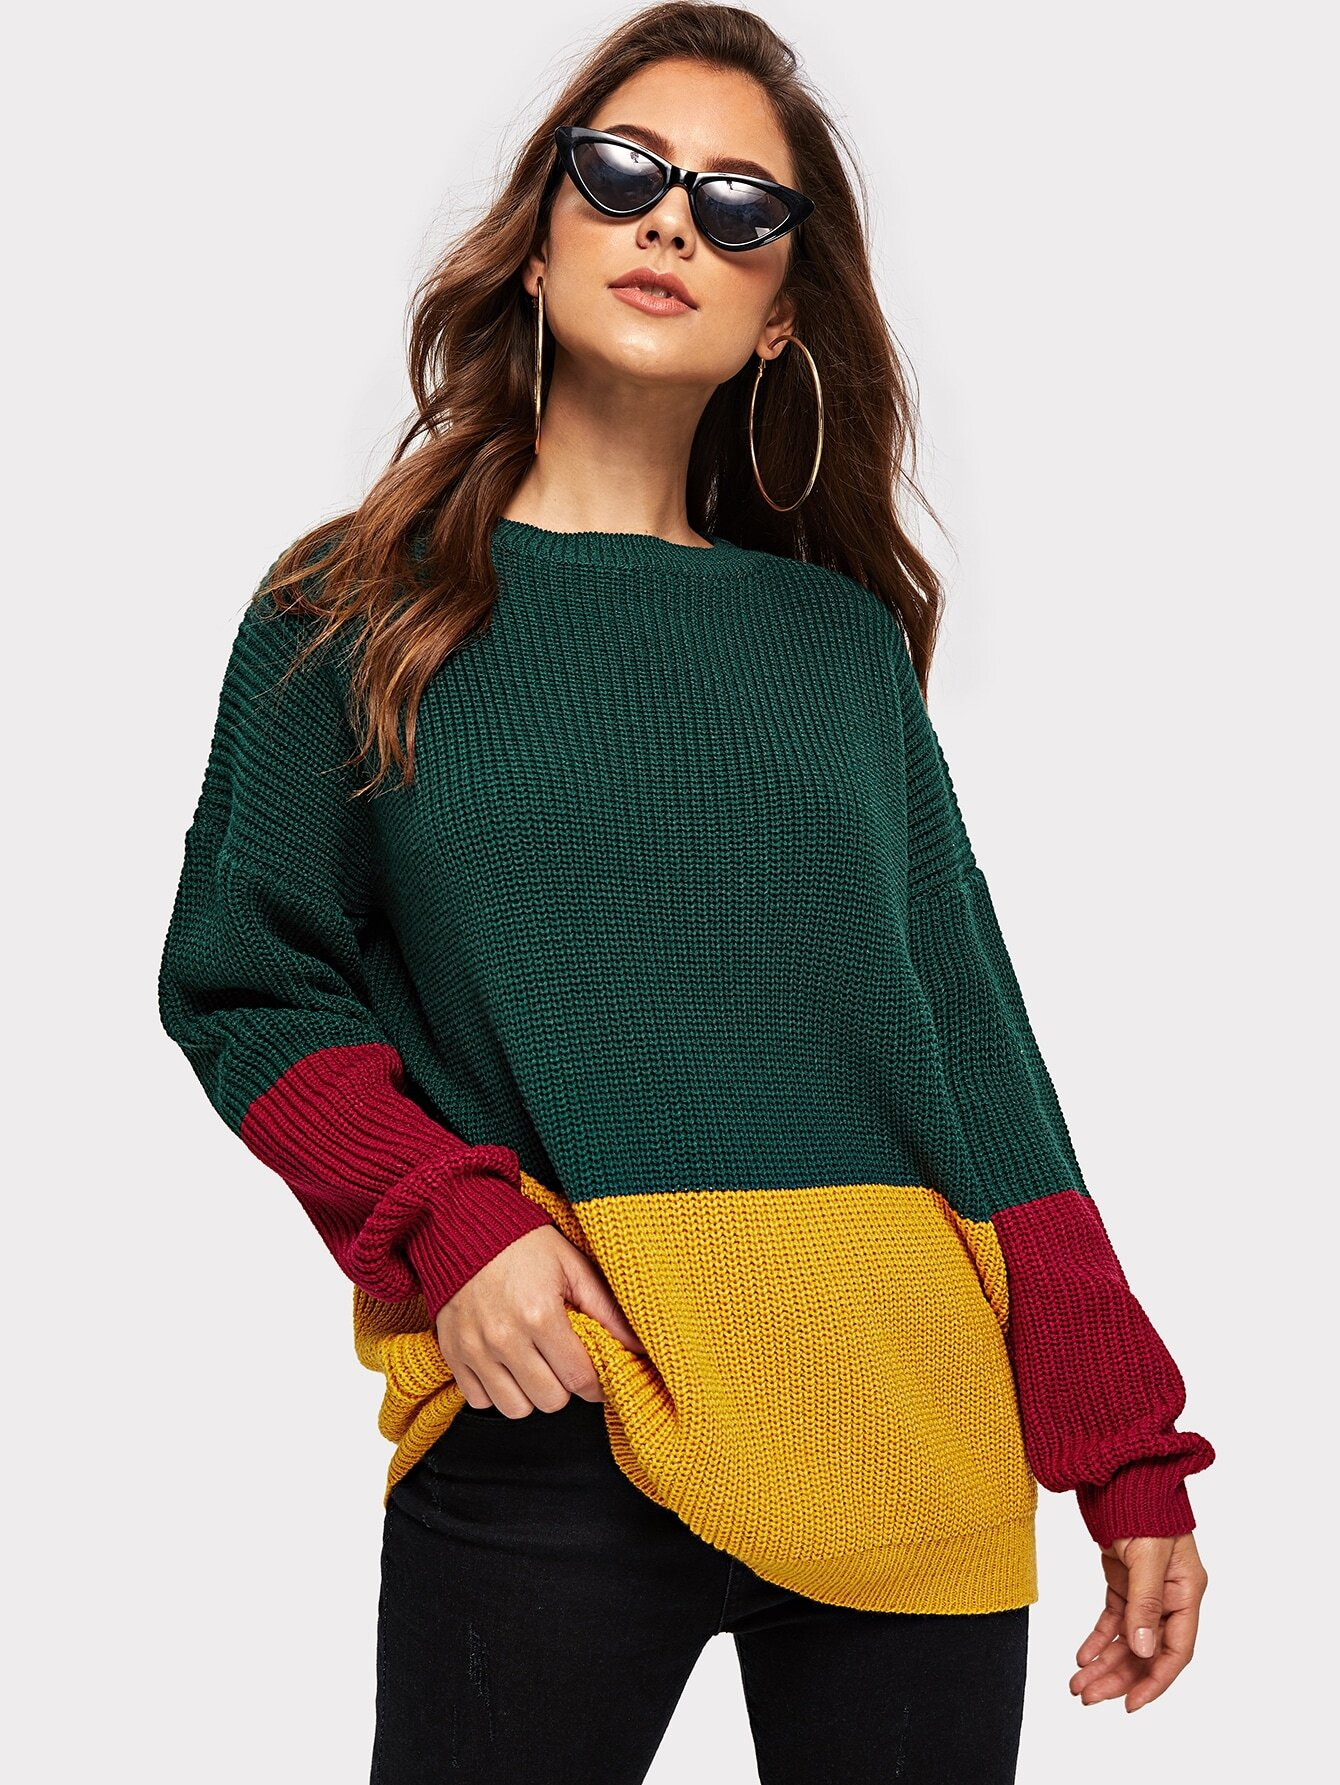 Купить Контрастный свитер с заниженной линией плеч, Debi Cruz, SheIn